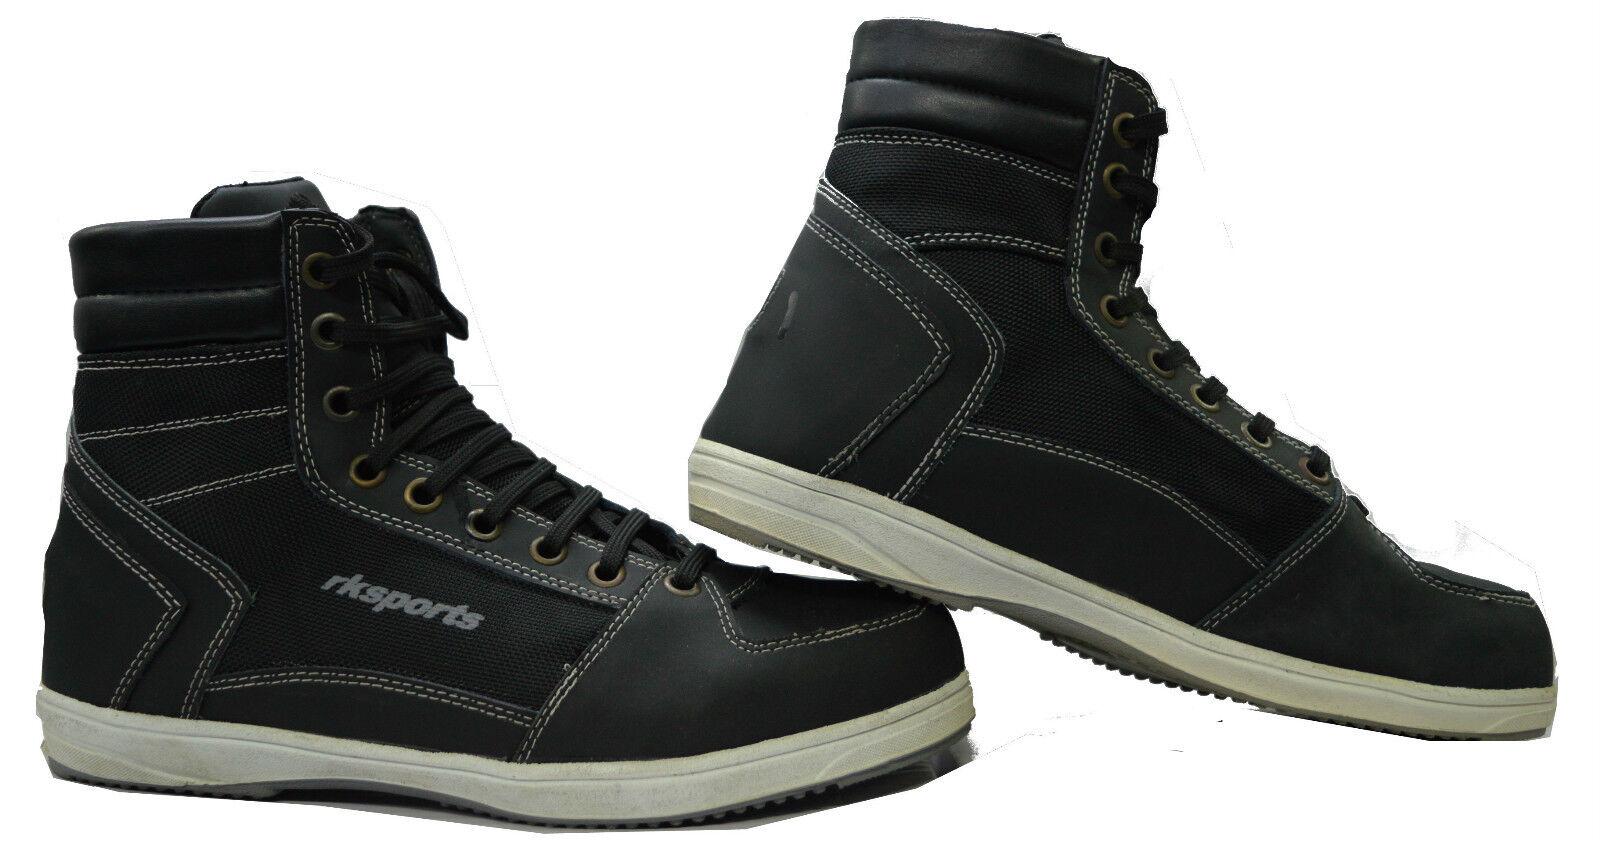 Alpinestars Schuhe Herren Vergleich Test +++ Alpinestars